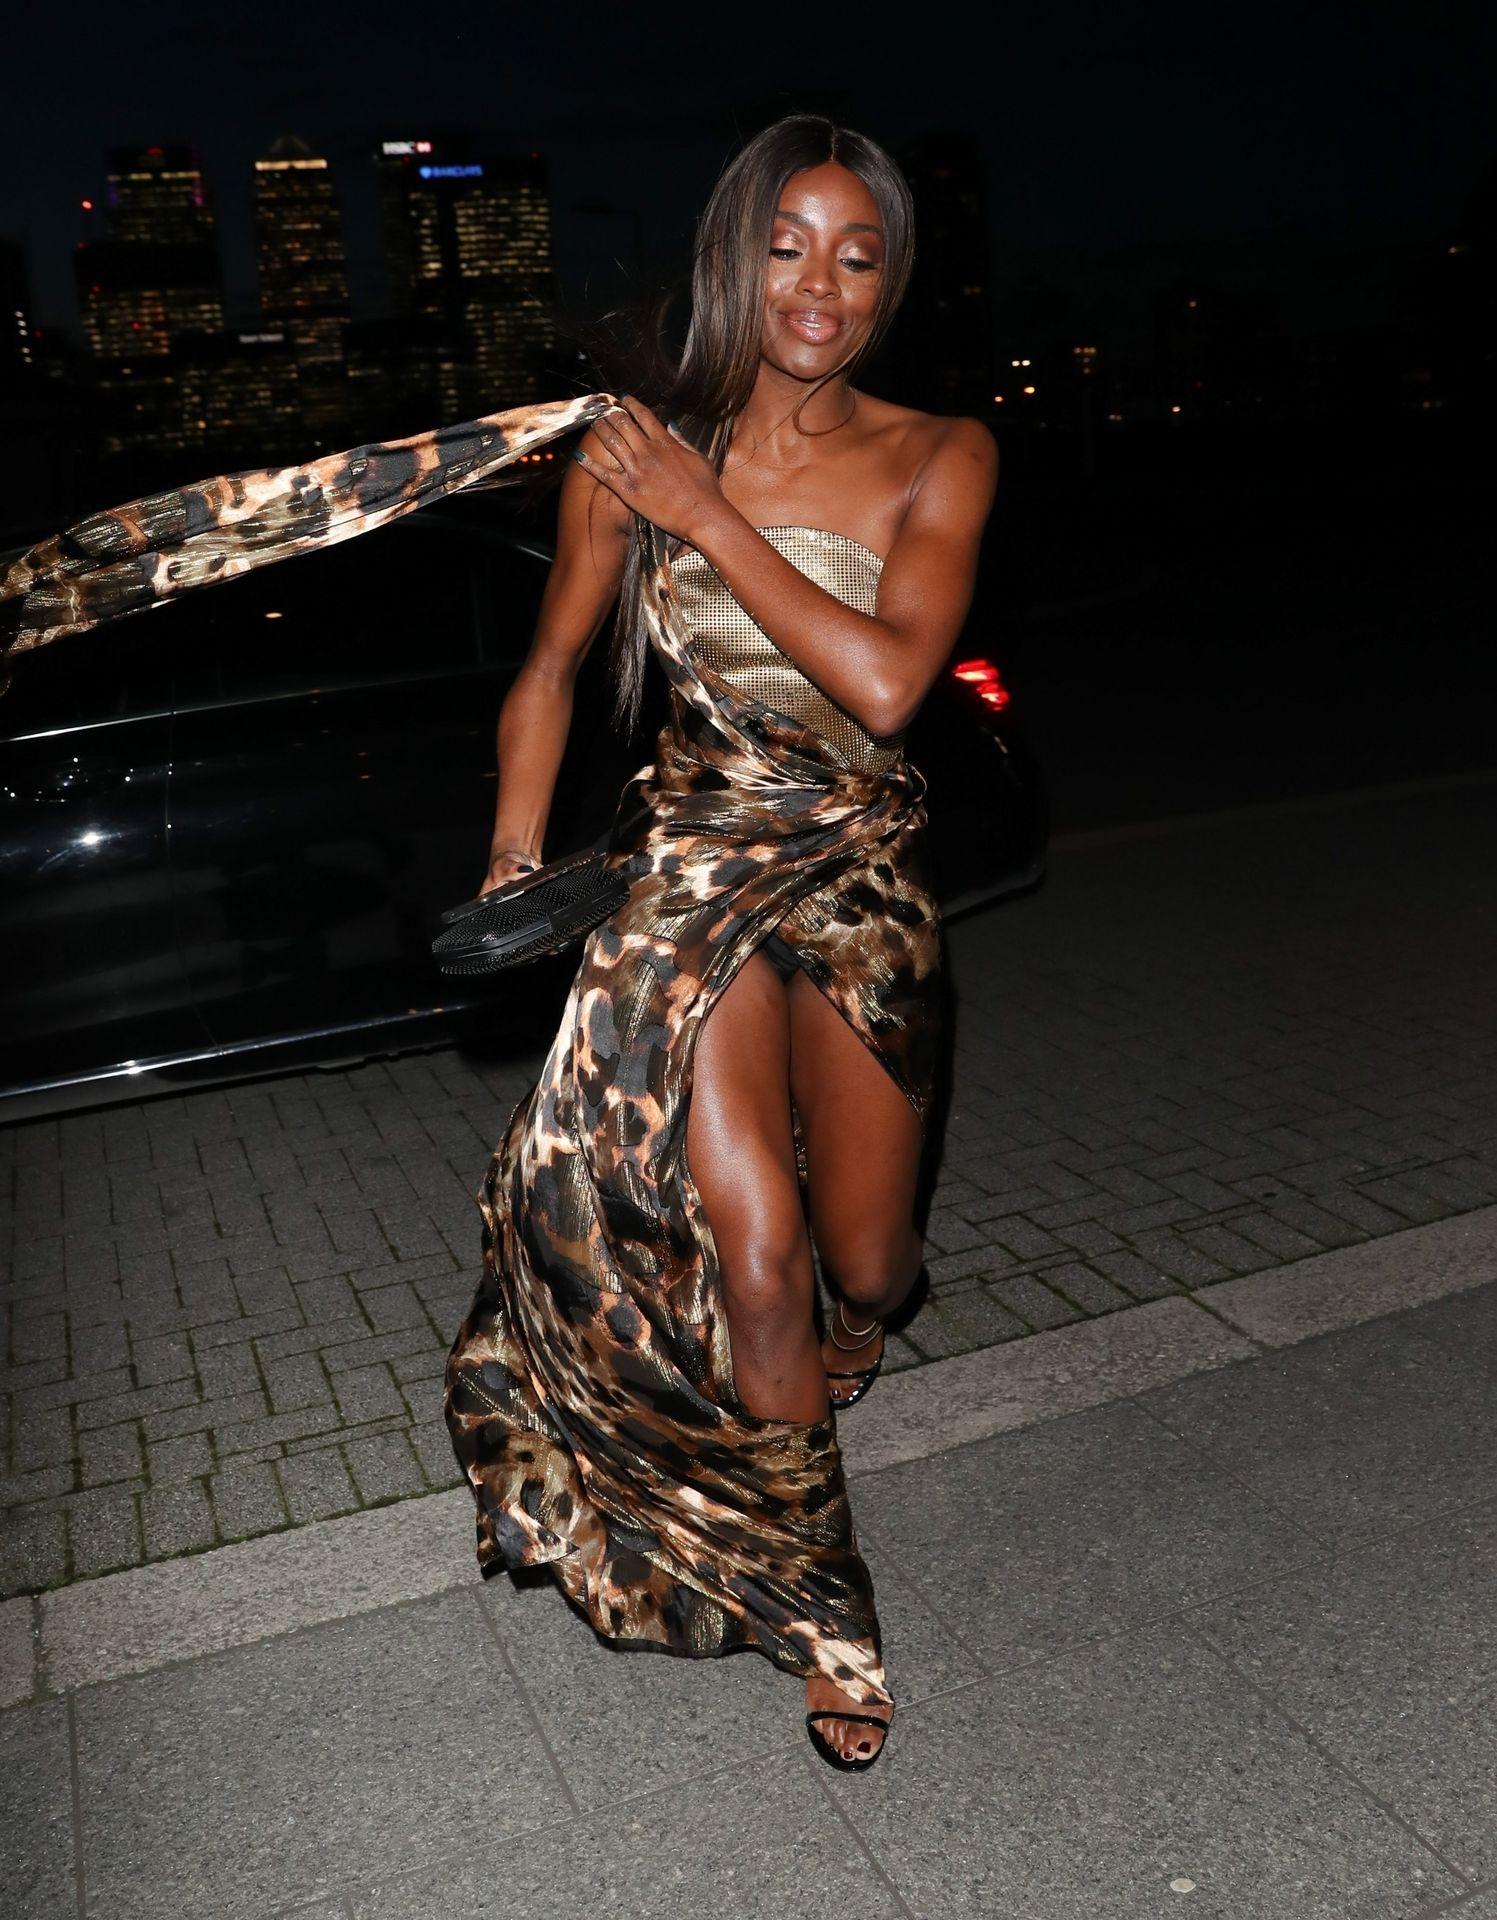 Aj Odudu Flashes Underwear In London 0001